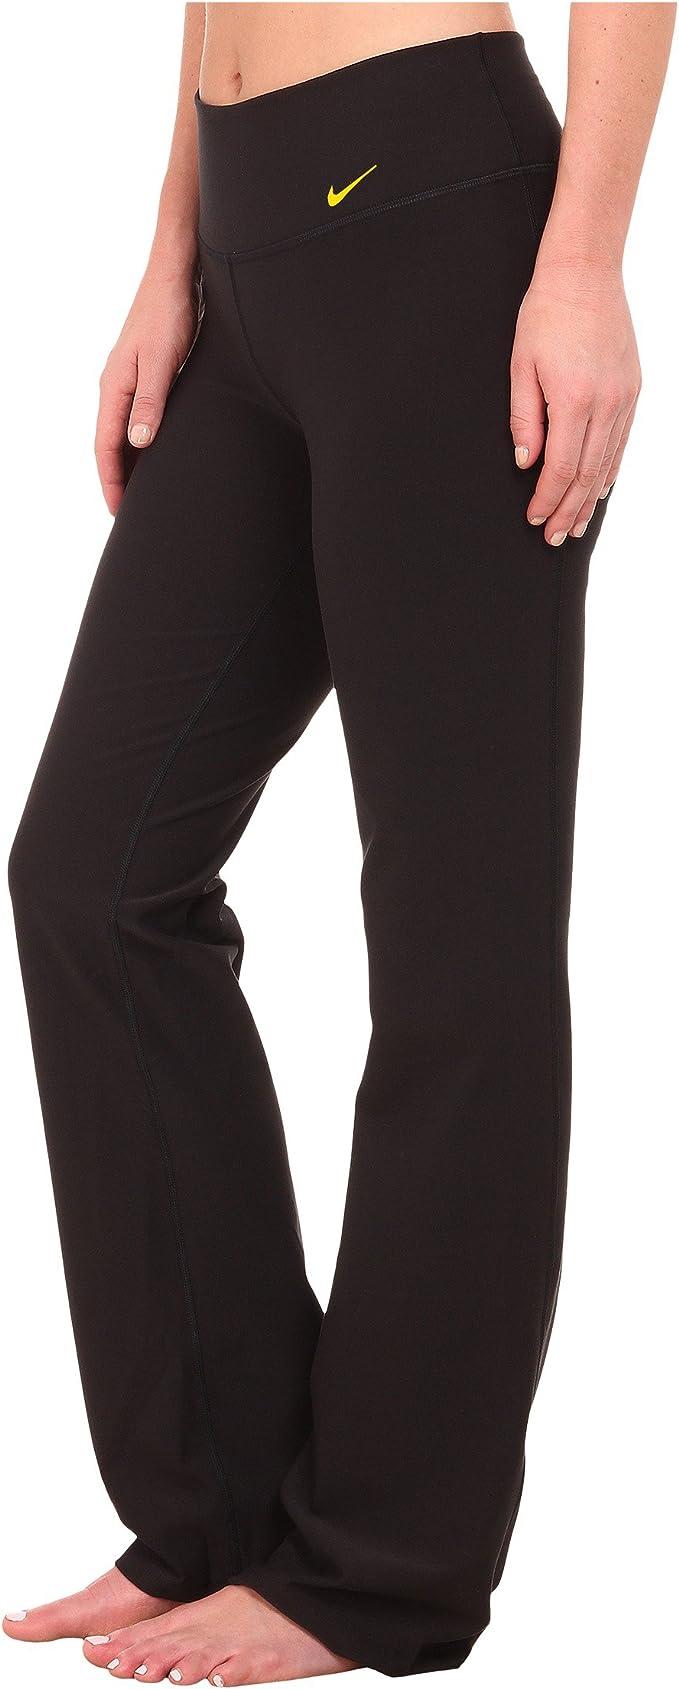 Nike para Mujer DRI-FIT tamaño pequeño Kickflare Negro Pantalones ...